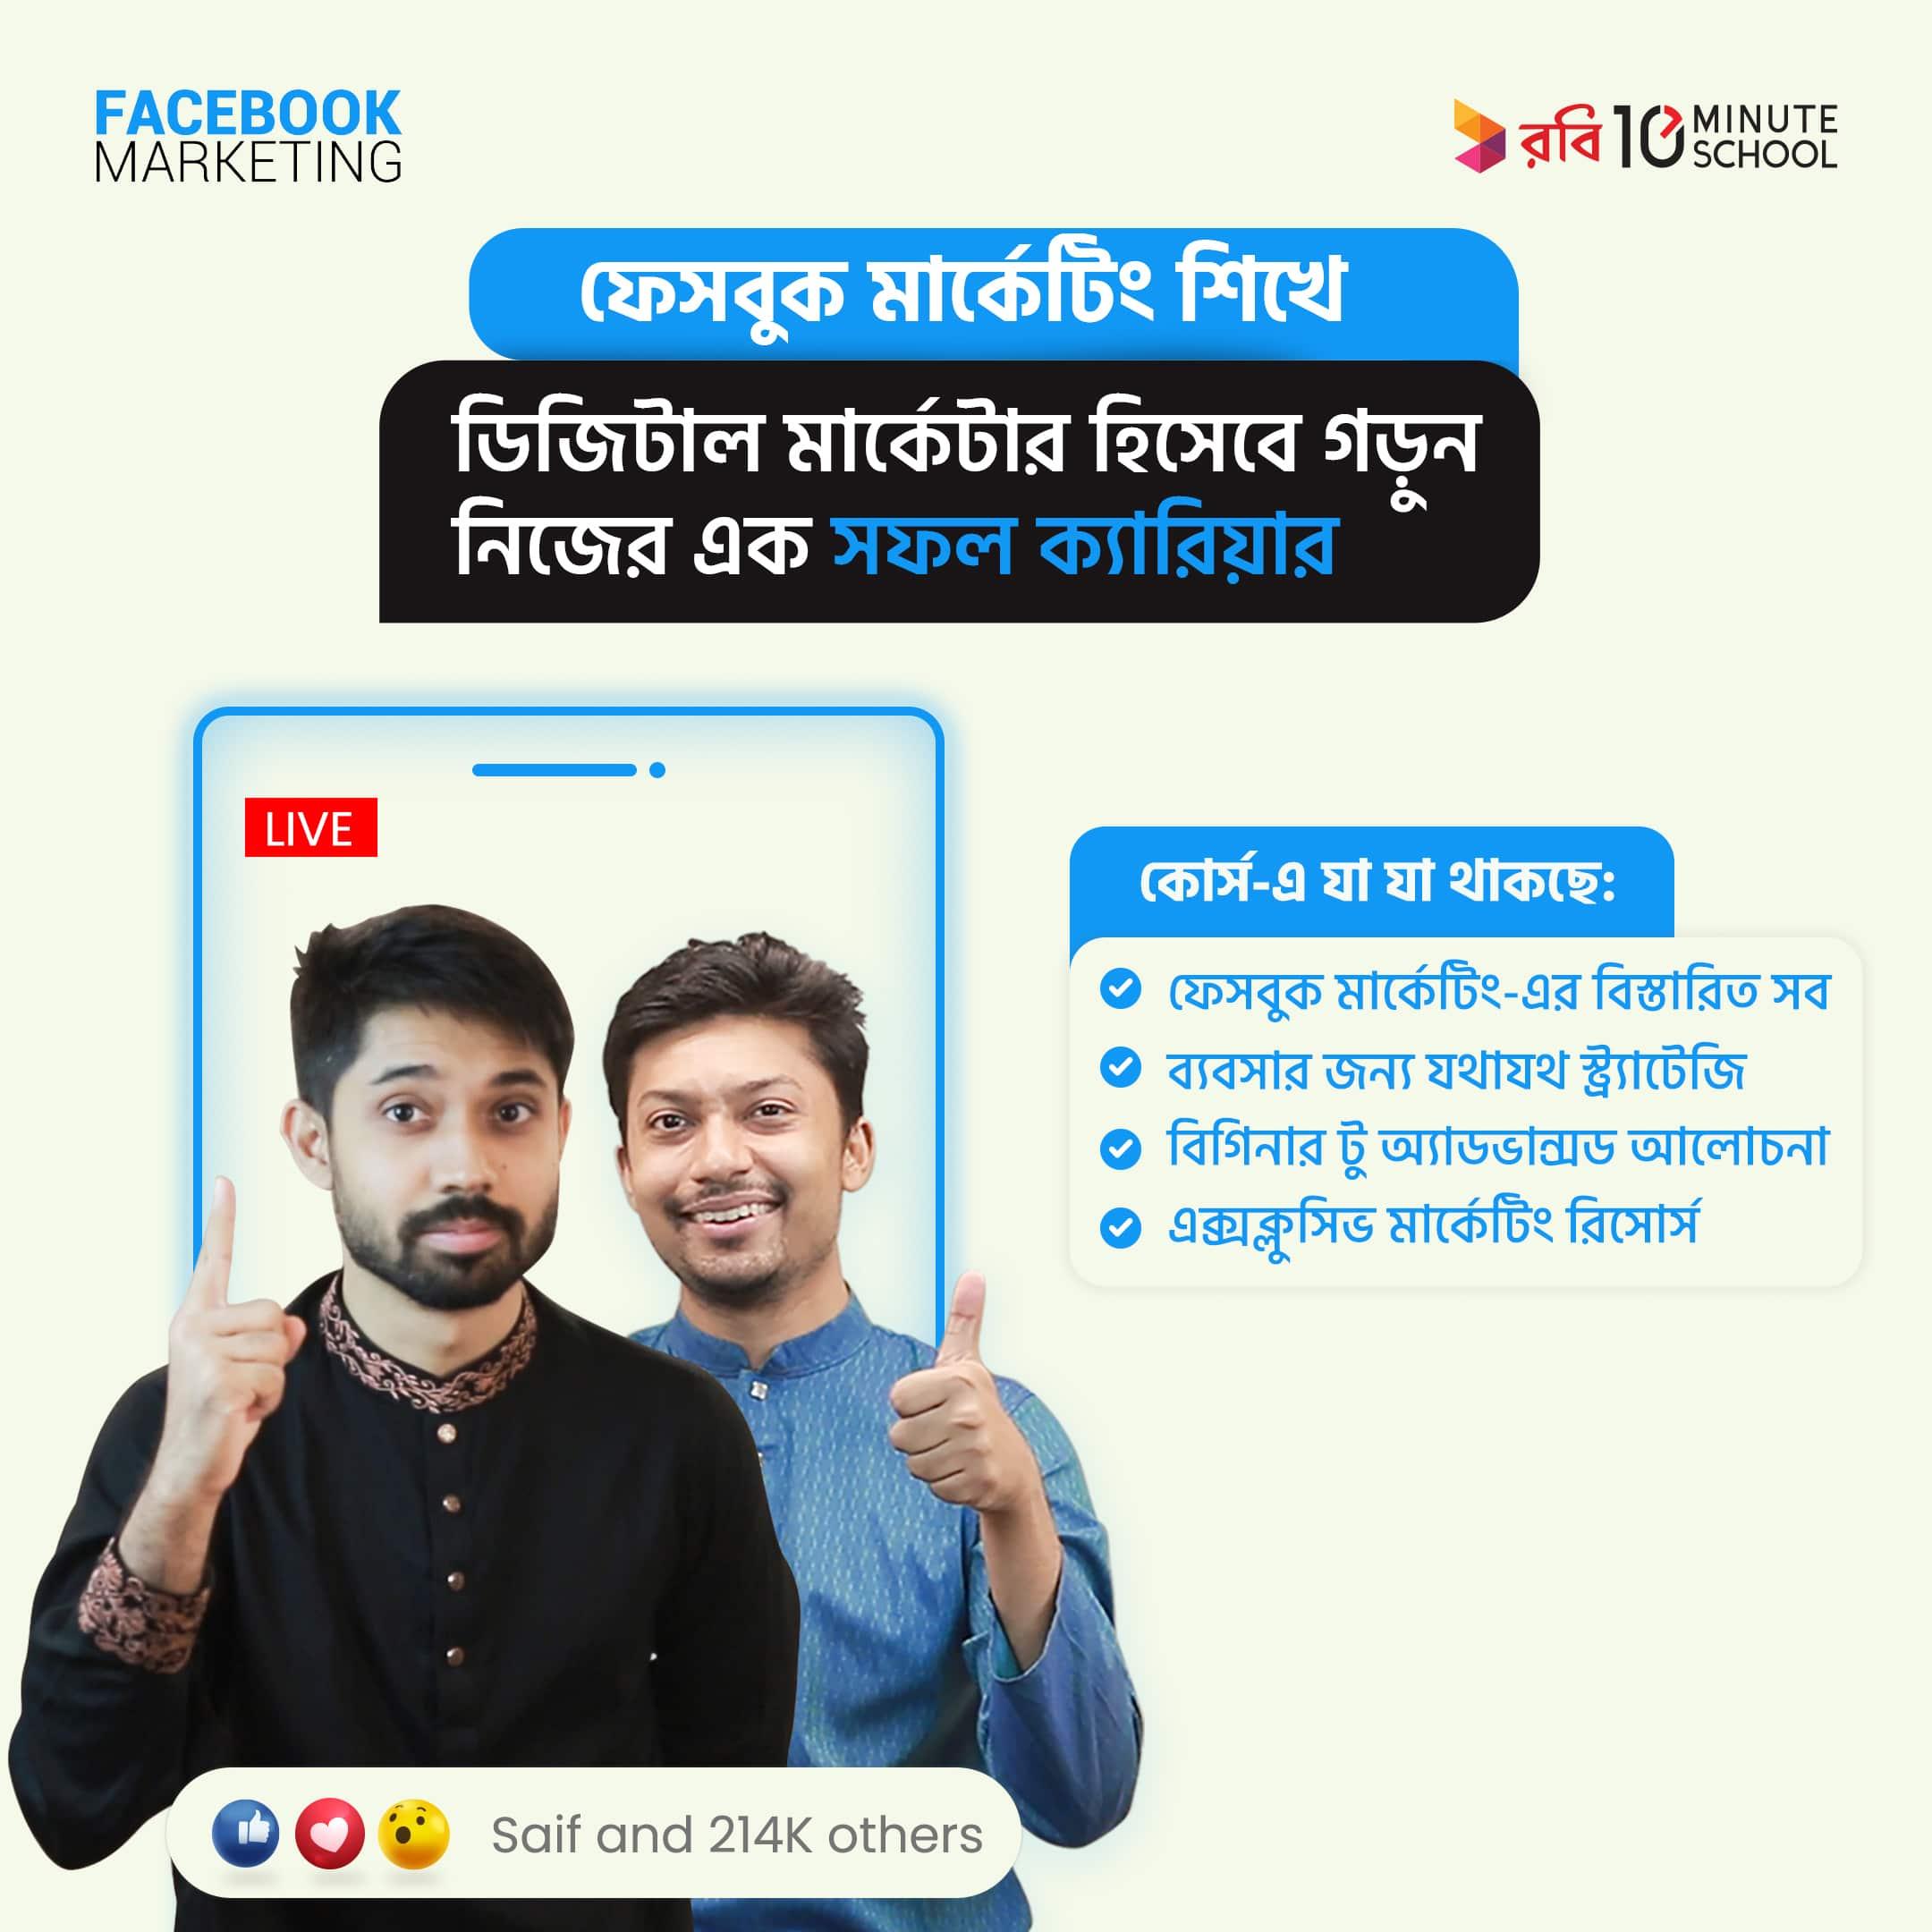 10 minutes school facebook marketing course